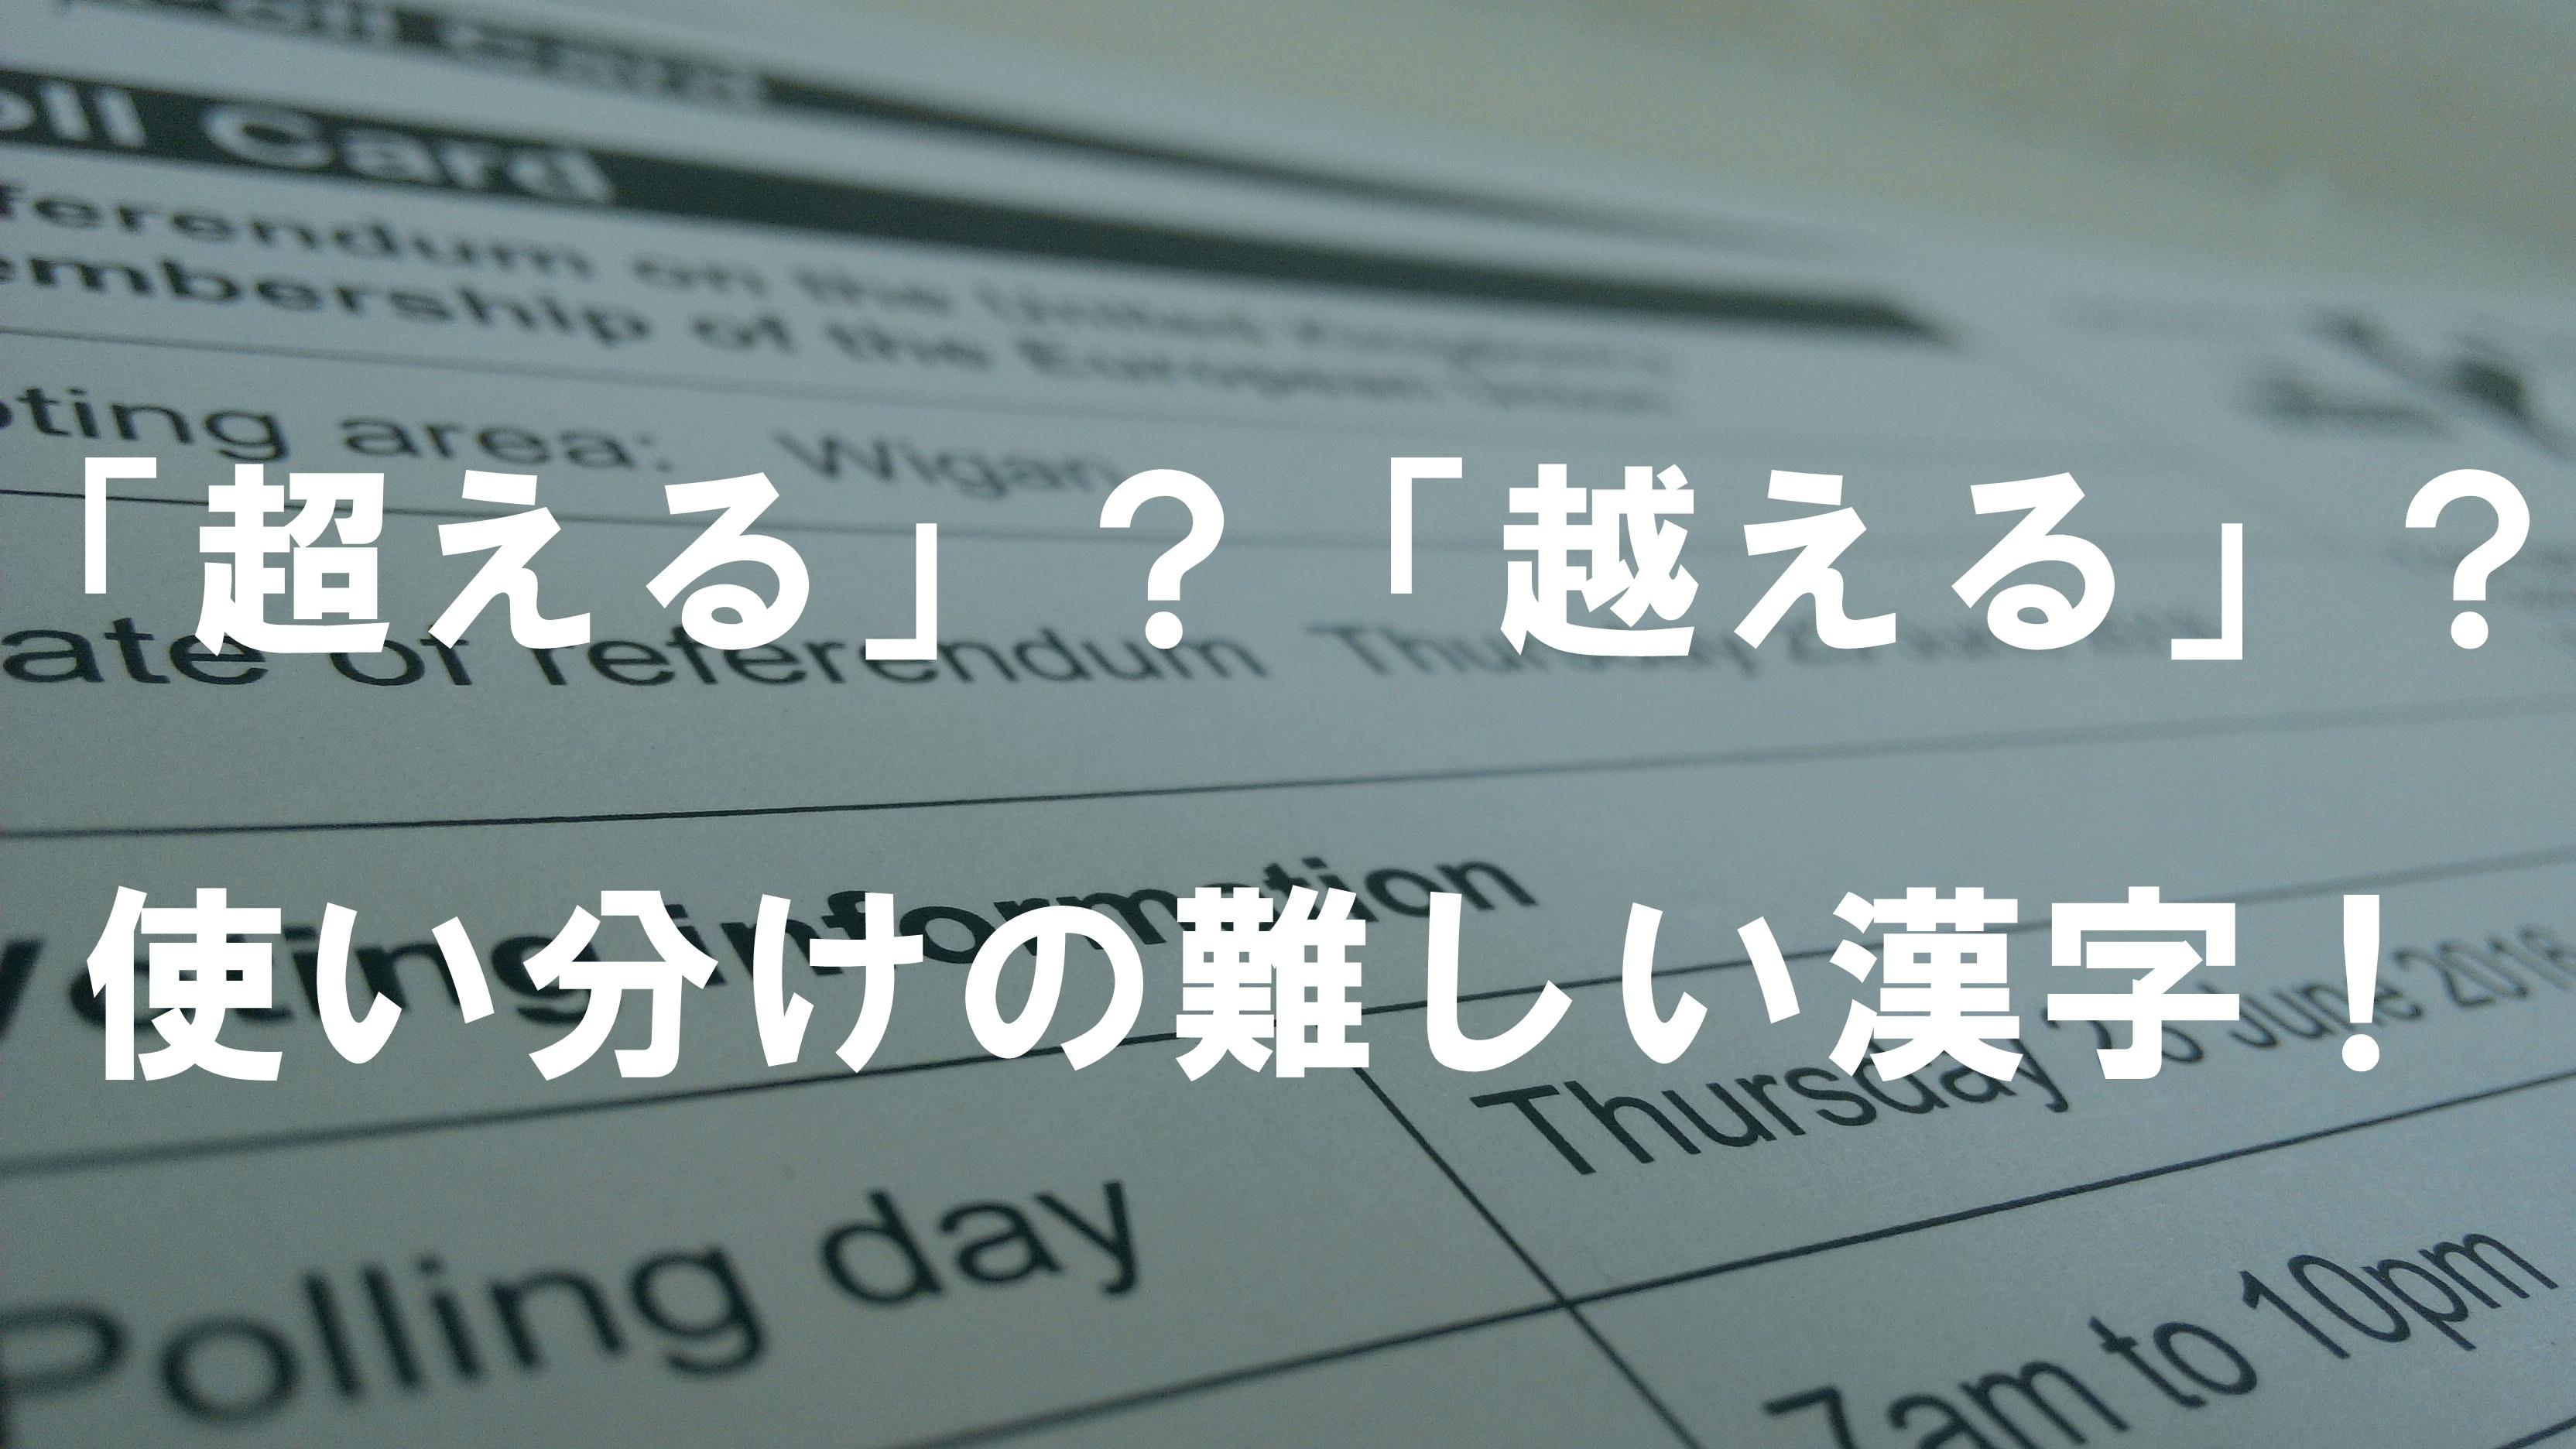 「超える」?「越える」?使い分けの難しい漢字!